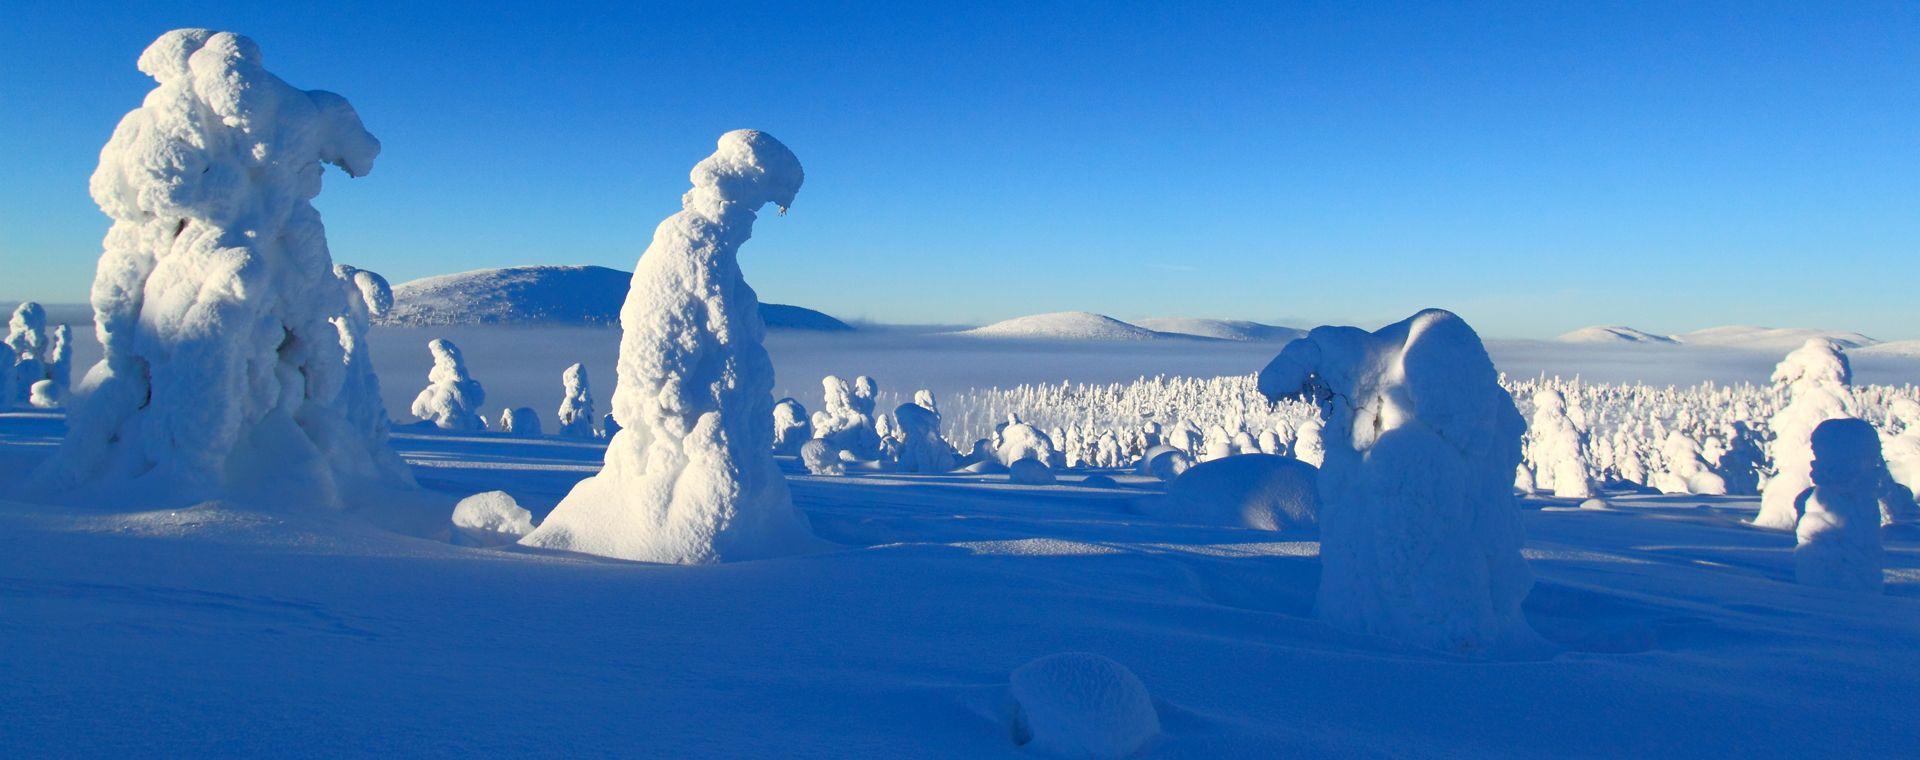 Voyage à la neige : Felltrek, la Laponie sauvage